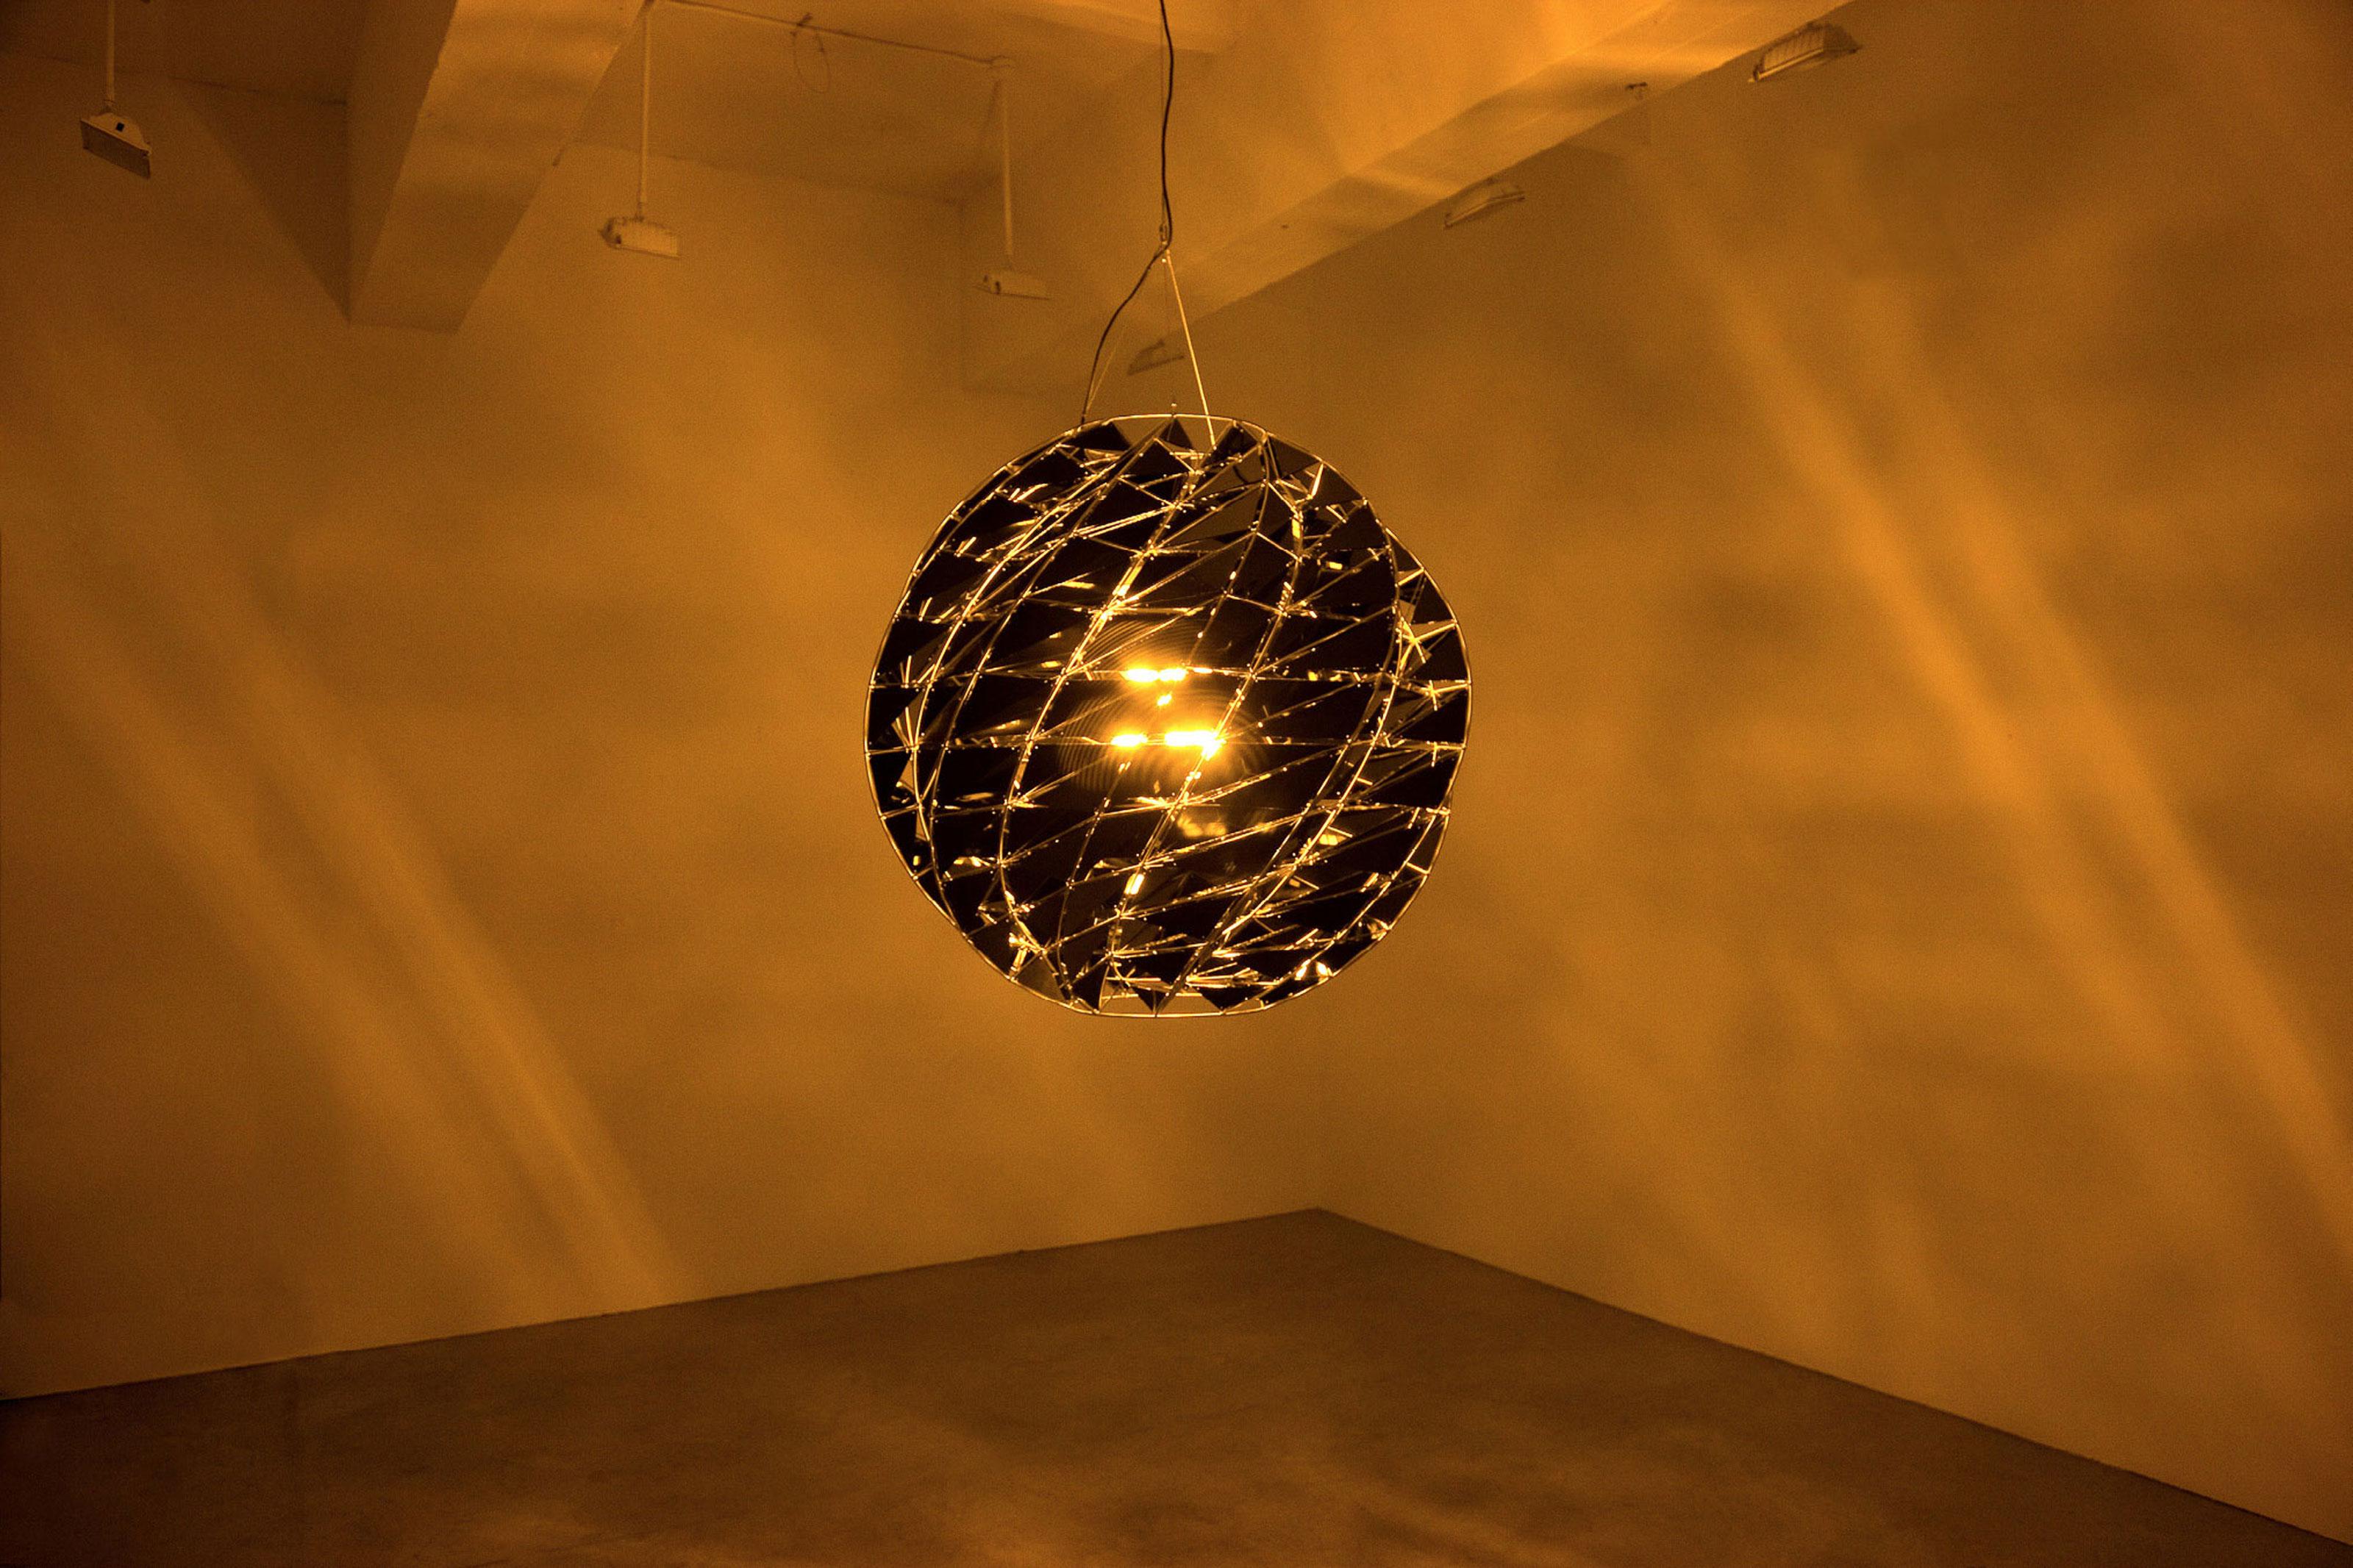 Black Activity Sphere